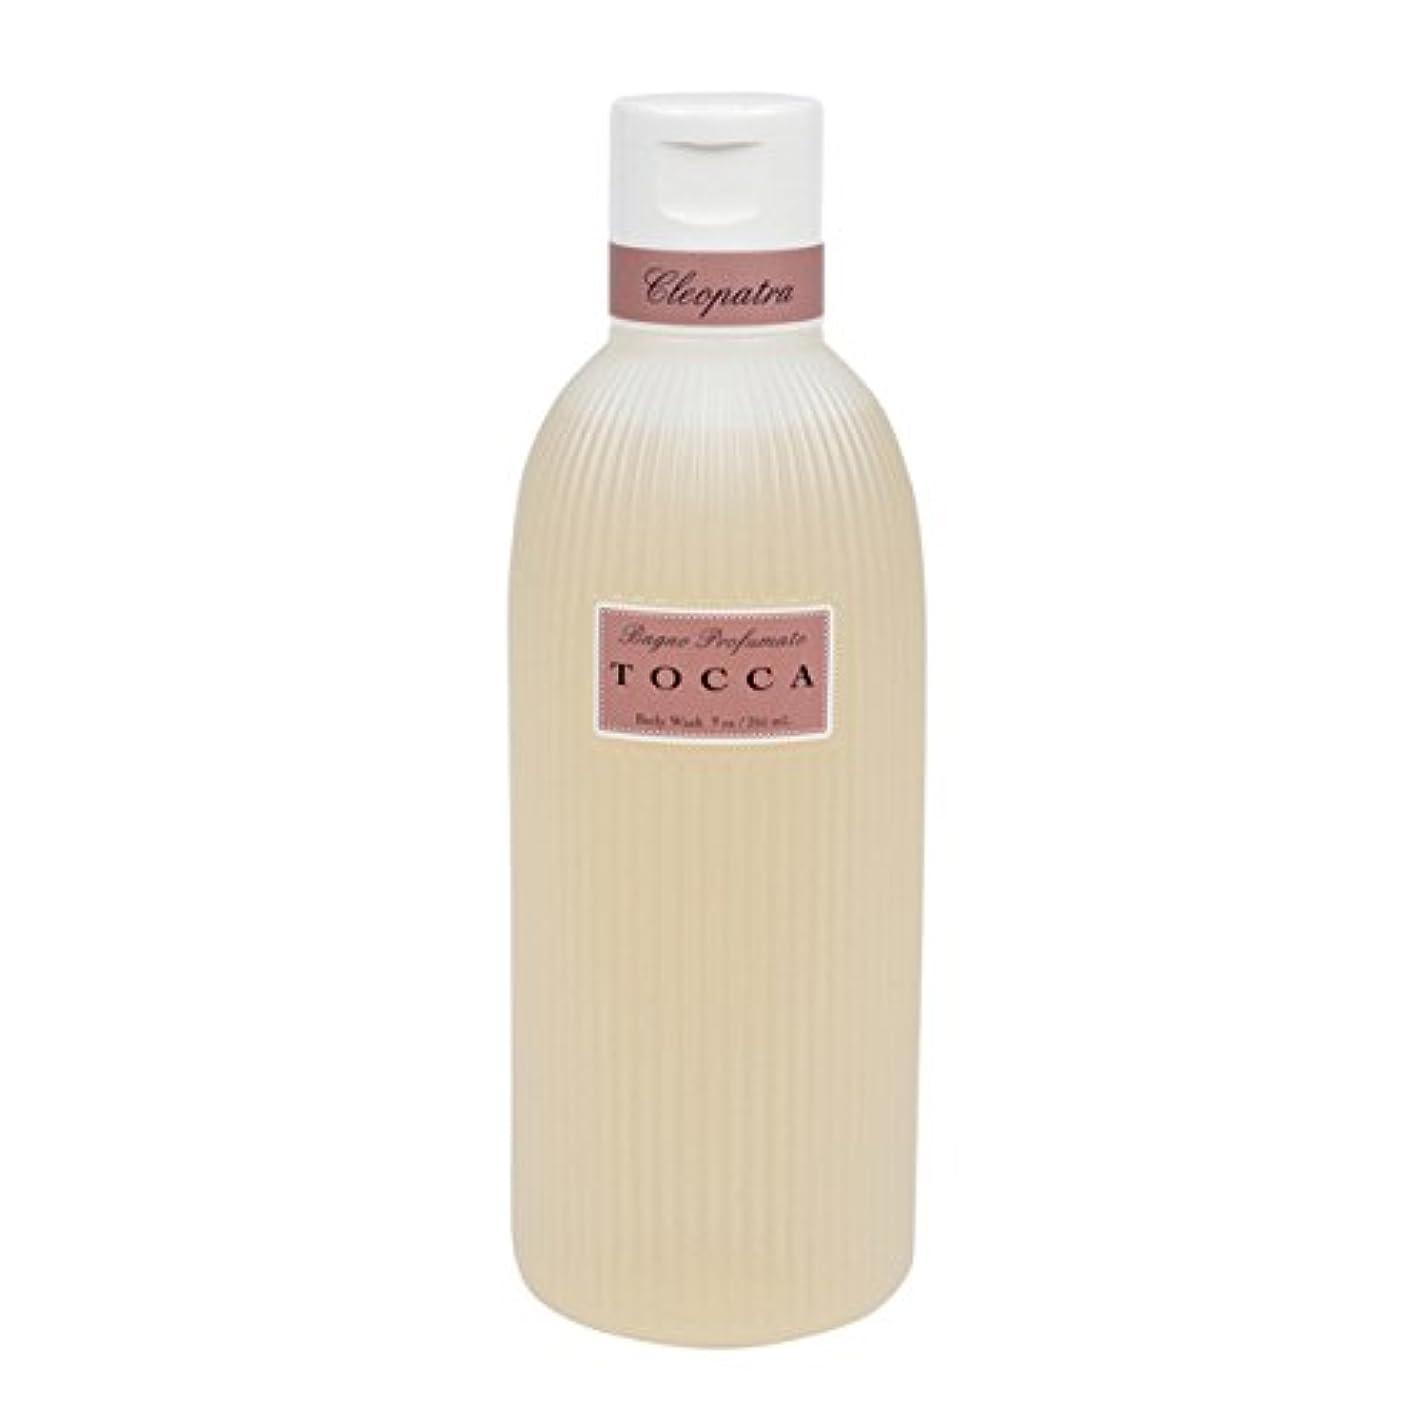 成熟従順な大声でトッカ(TOCCA) ボディーケアウォッシュ クレオパトラの香り 266ml(全身用洗浄料 ボディーソープ グレープフルーツとキューカンバーのフレッシュでクリーンな香り)